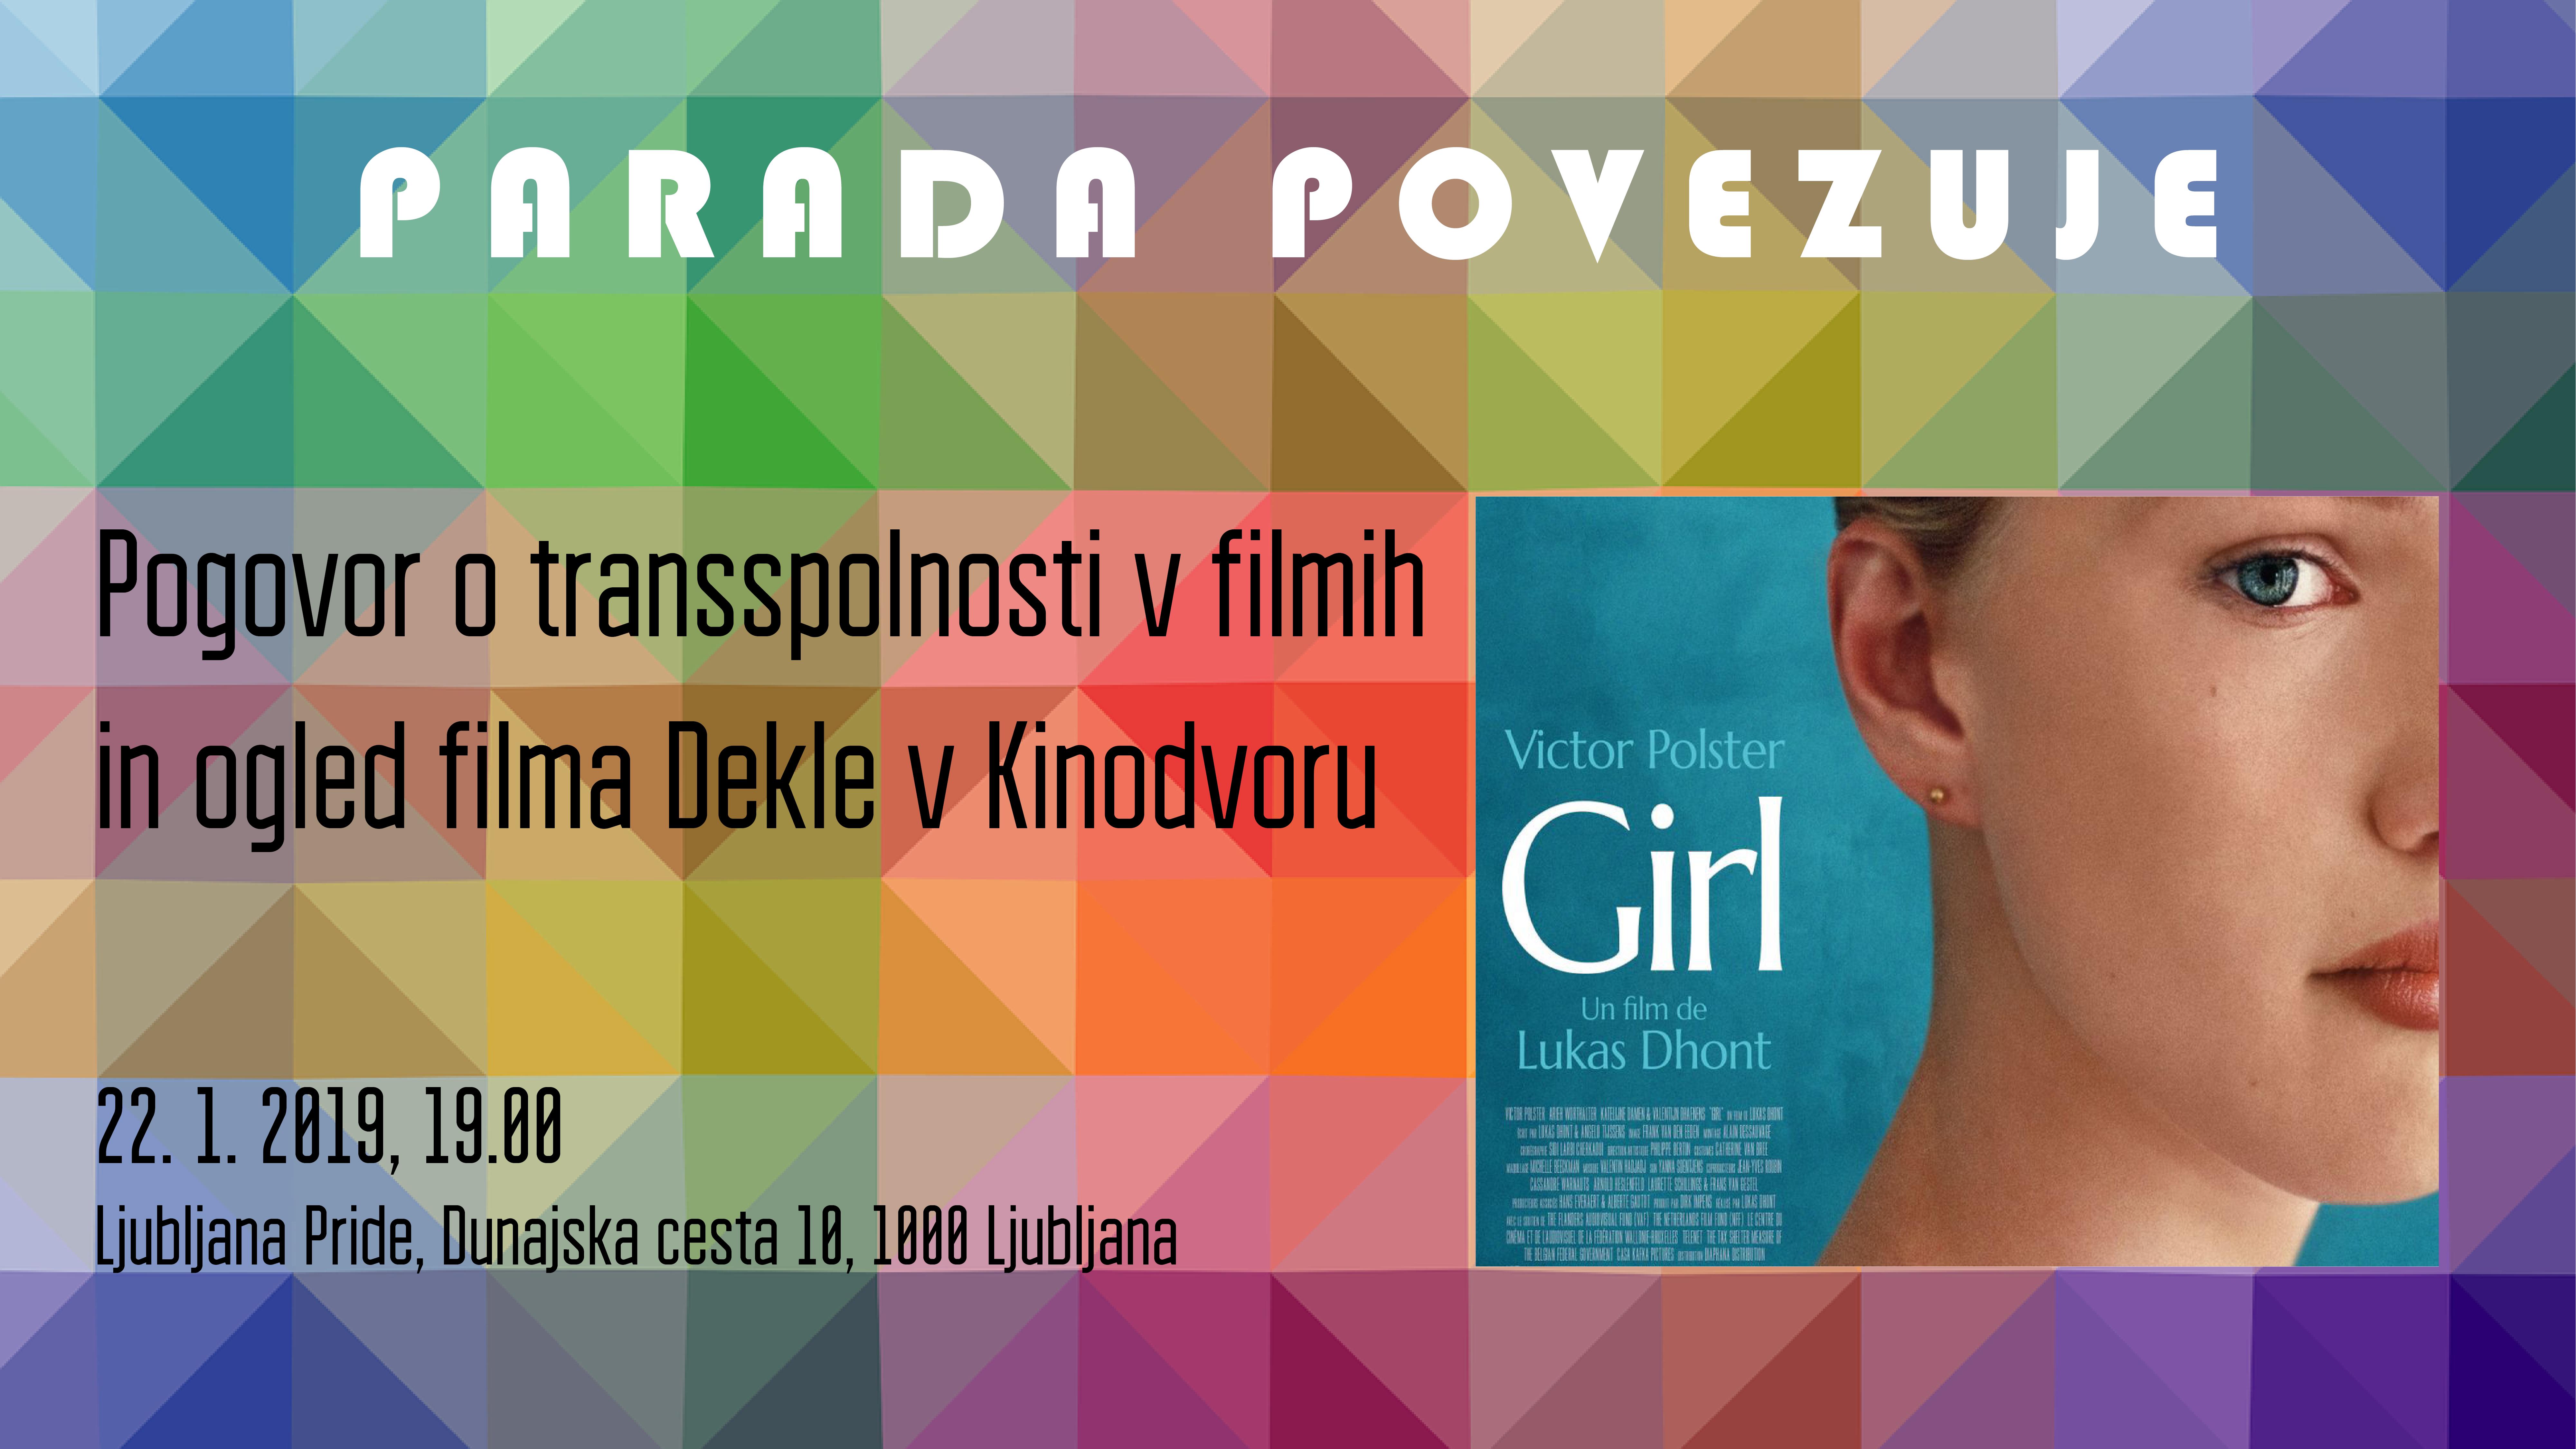 Pogovor o transspolnosti v filmih in ogled filma Dekle v Kinodvoru